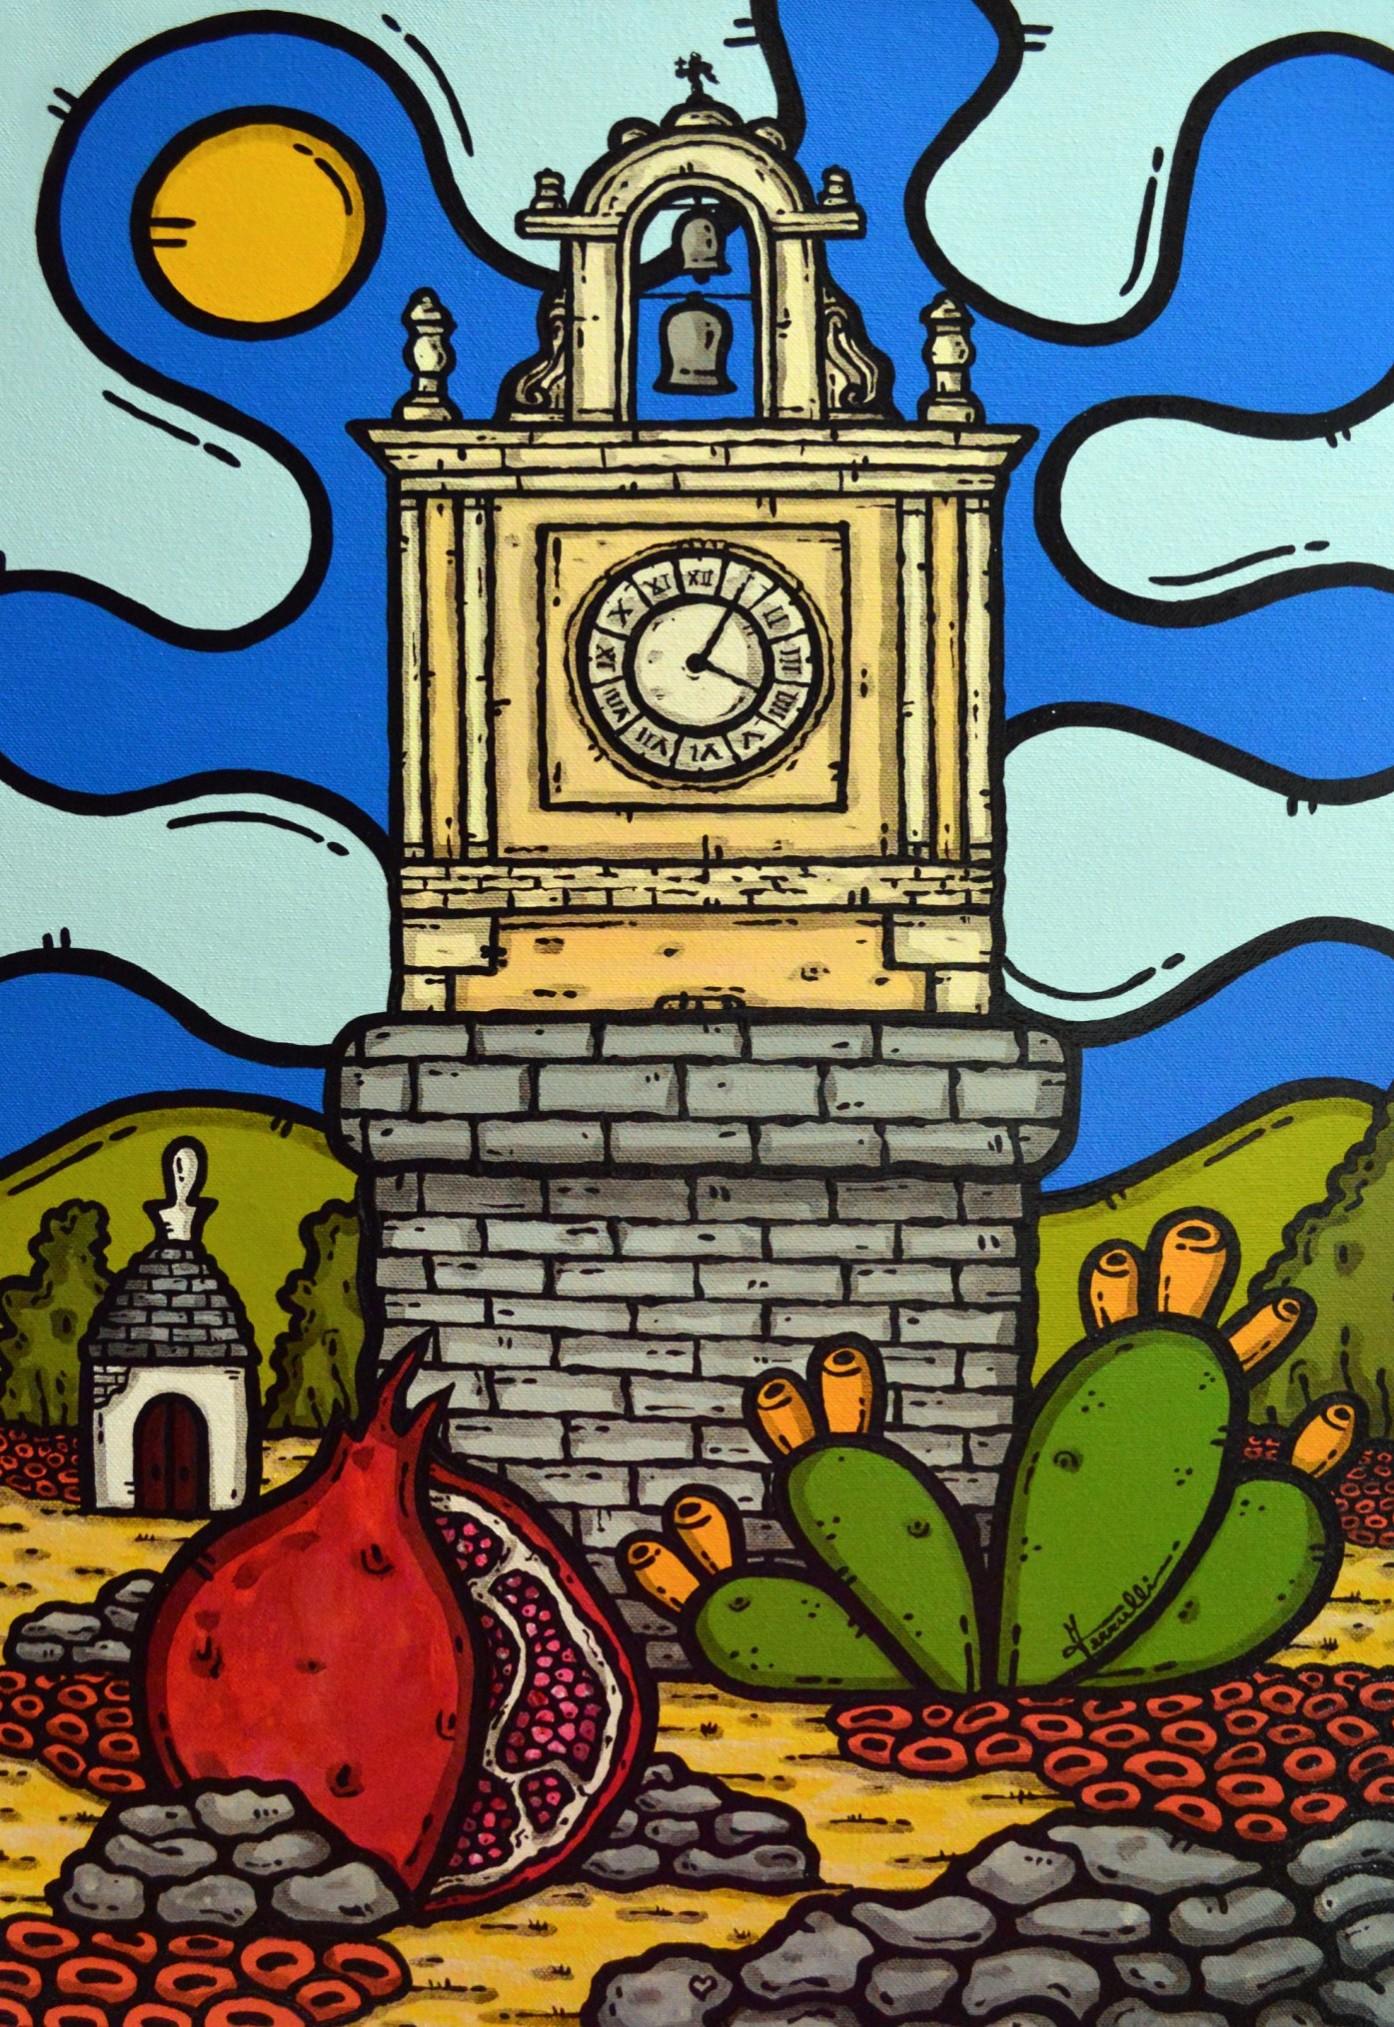 opera, contornismo metafisico, francesco ferrulli, pittore pugliese, artista italiano, arte contemporanea, dipinto, olio su tela, paesaggi pugliesi, puglia, quadro colorato, oil on canvas, art, painter, paesaggio pugliese, trulli, campagna pugliese, ulivi, fichi d'india, acquaviva delle fonti, melograno, quadri, pozzo,